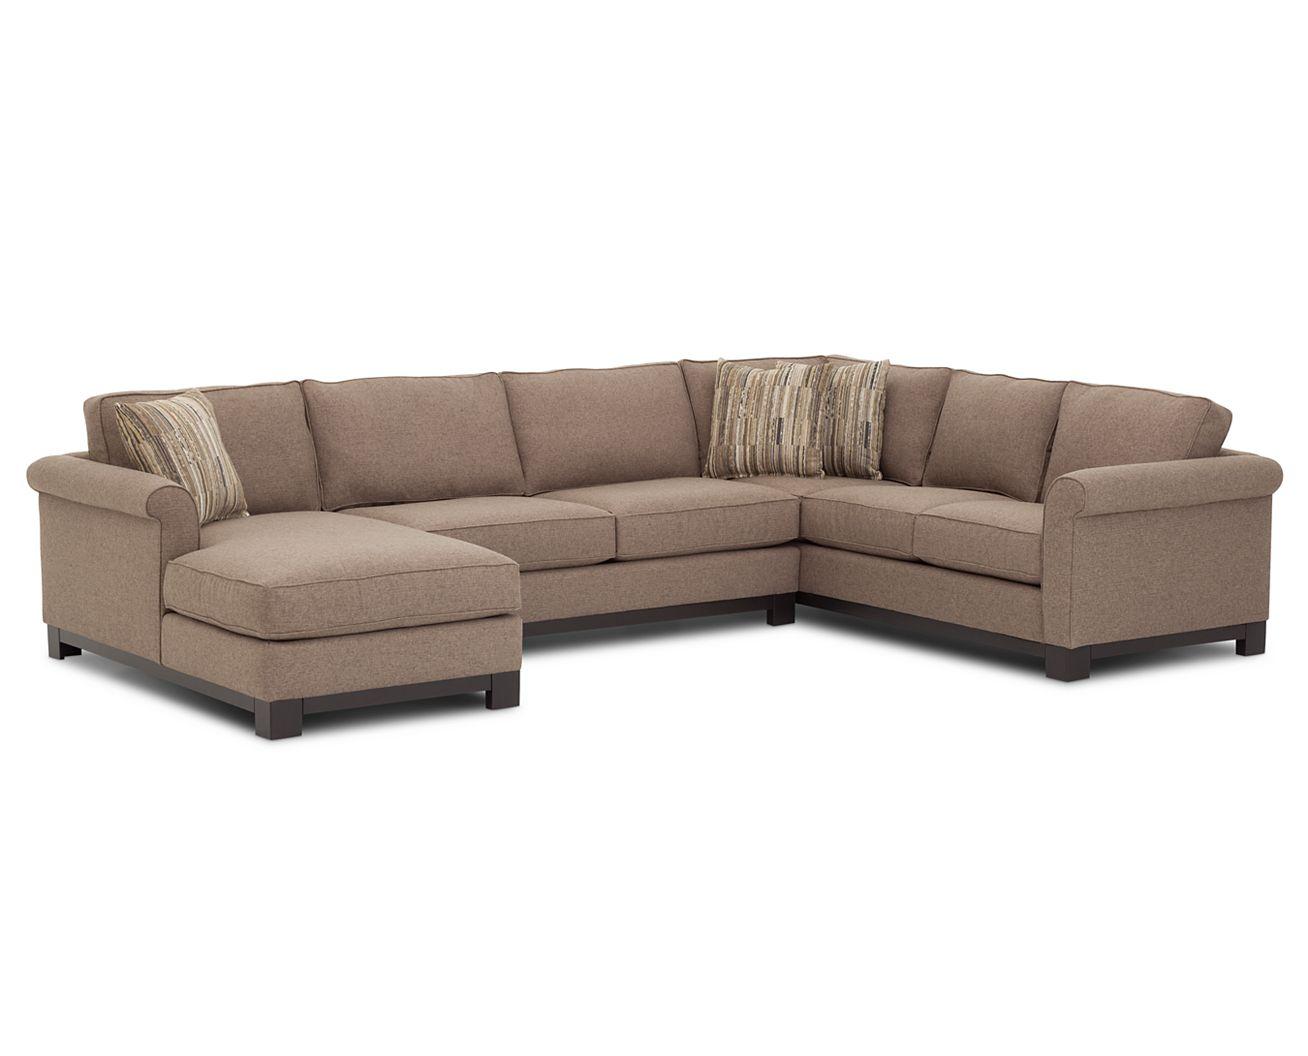 Sarah 3 Pc. Sectional - Furniture Row